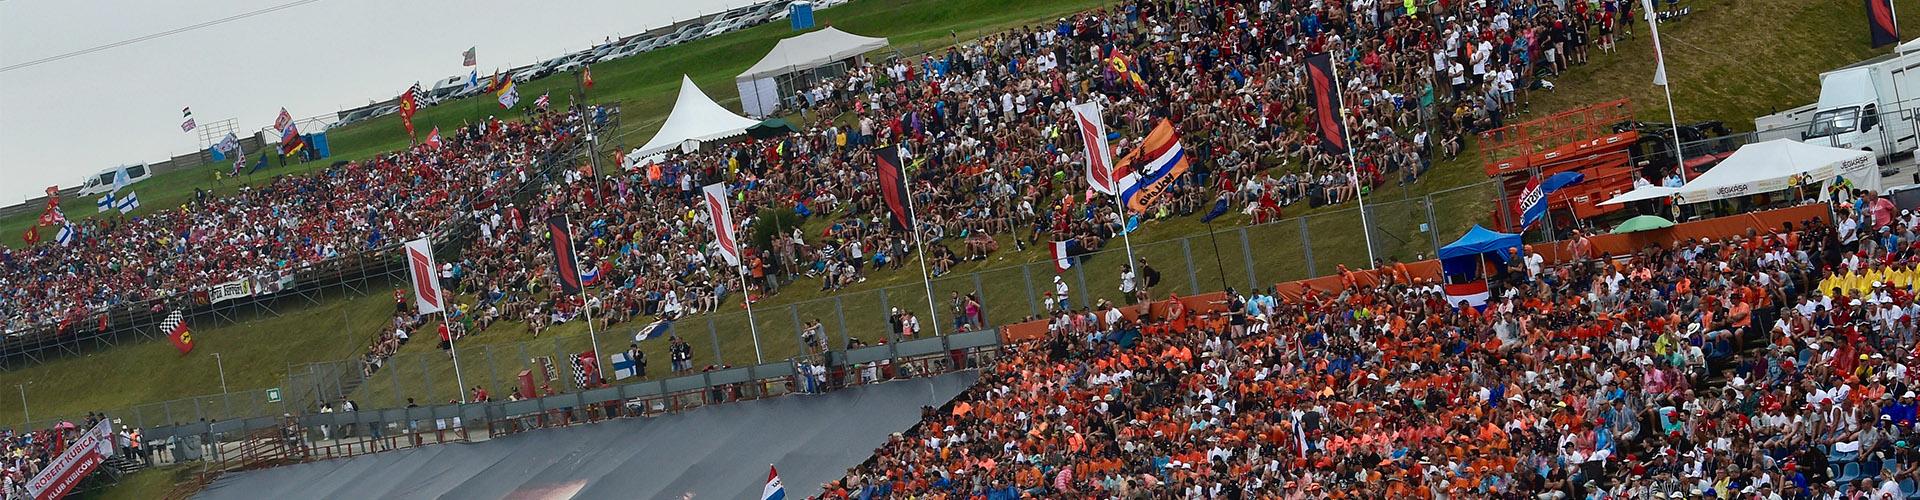 Formule 1 Hongarije – Staanplaatsen gids Hungaroring – Mogyoród